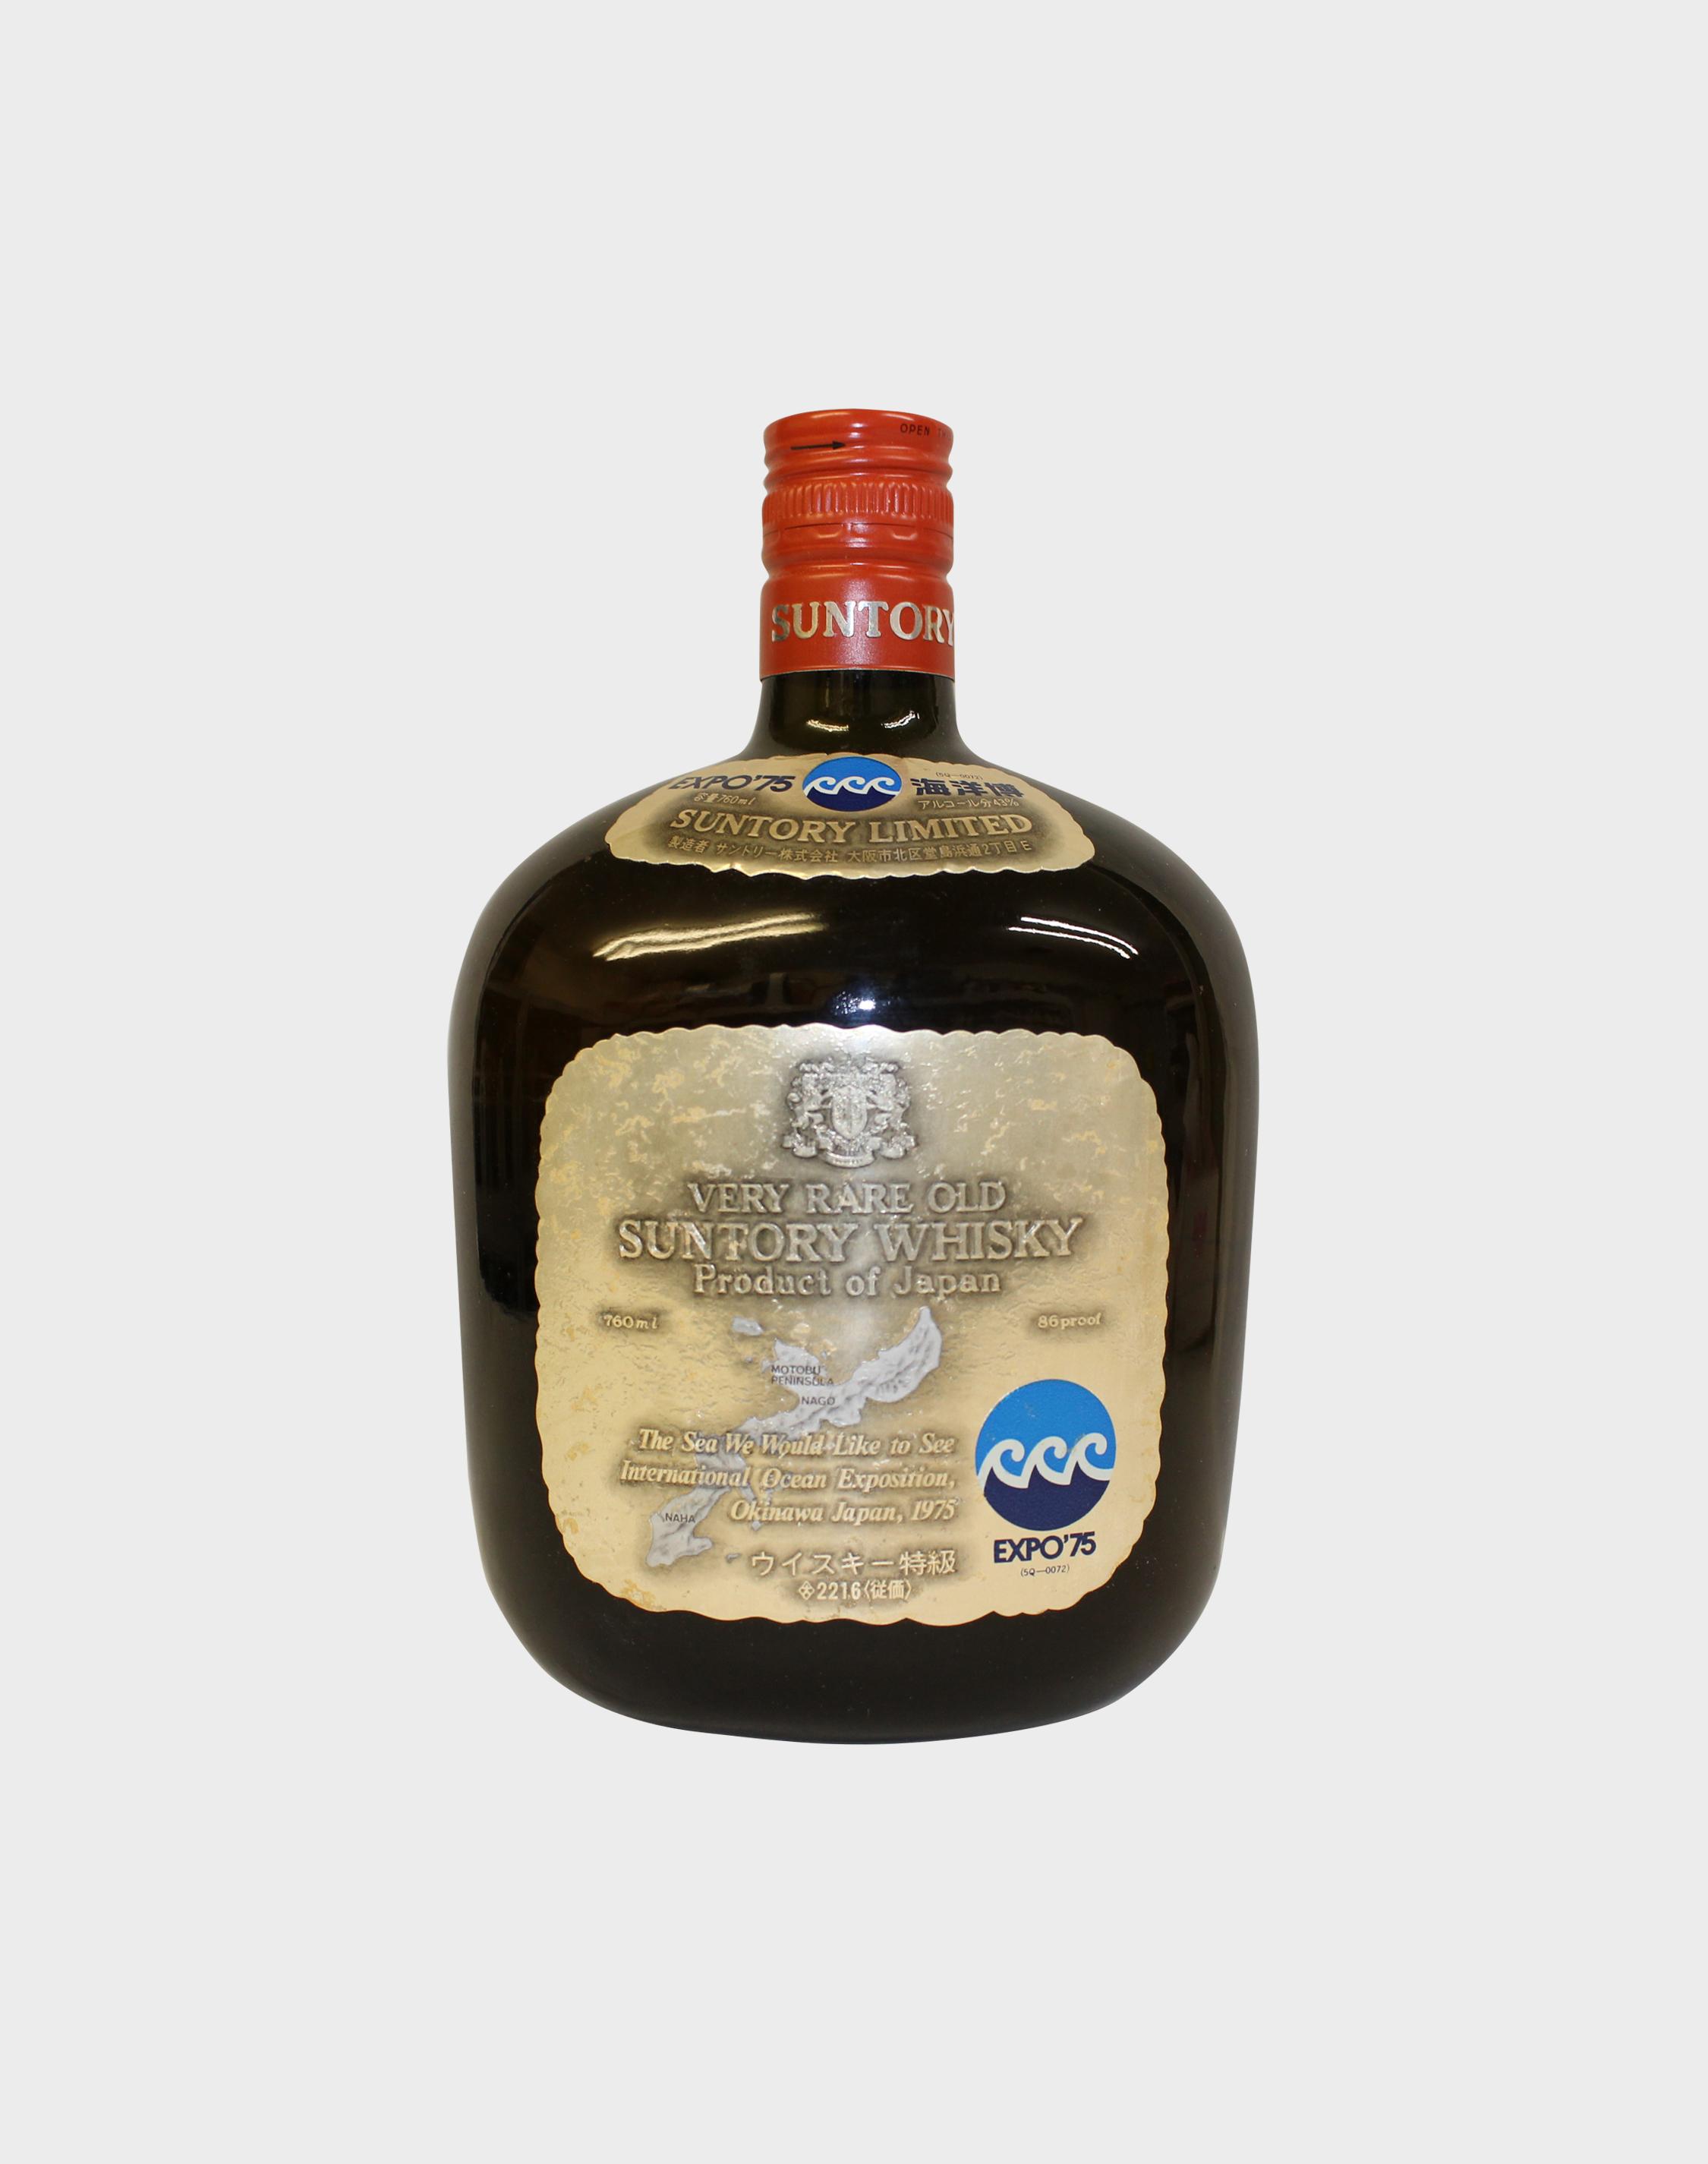 Suntory Very Rare Old Whisky Expo '75 (No Box)